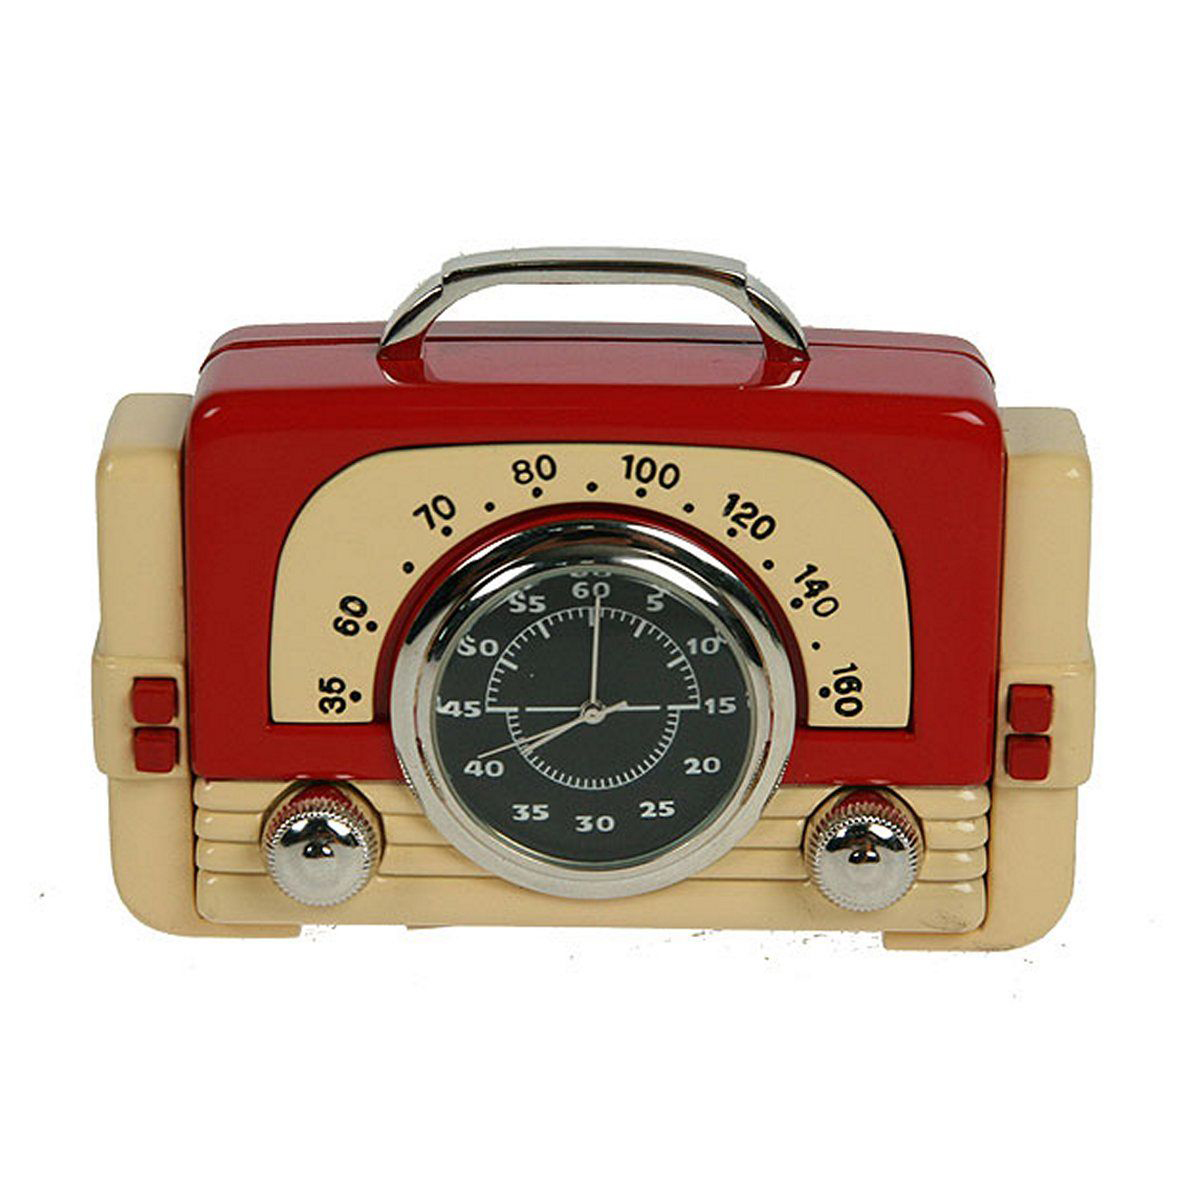 Часы настольные Русские Подарки Ретро радио, 8 х 2 х 5 см. 2241222412Настольные кварцевые часы Русские Подарки Ретро радио изготовлены из металла. Изделие оригинально оформлено в виде небольшого радиоприемника. Часы имеют три стрелки - часовую, минутную и секундную. Такие часы украсят интерьер дома или рабочий стол в офисе. Также часы могут стать уникальным, полезным подарком для родственников, коллег, знакомых и близких. Часы работают от батареек типа SR626 (в комплект не входят).